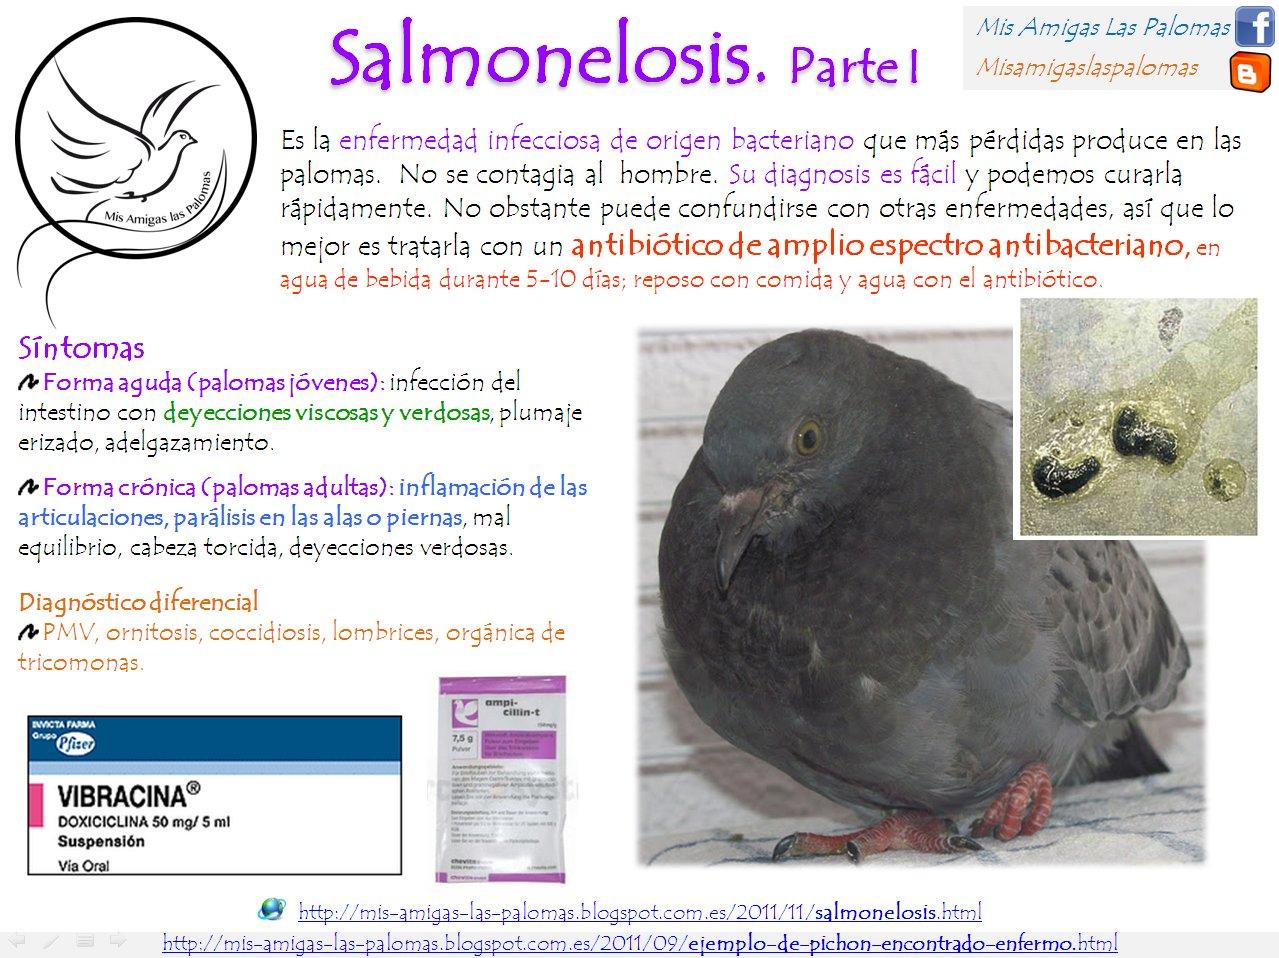 Mis amigas las palomas: Ejemplo de pichón encontrado enfermo